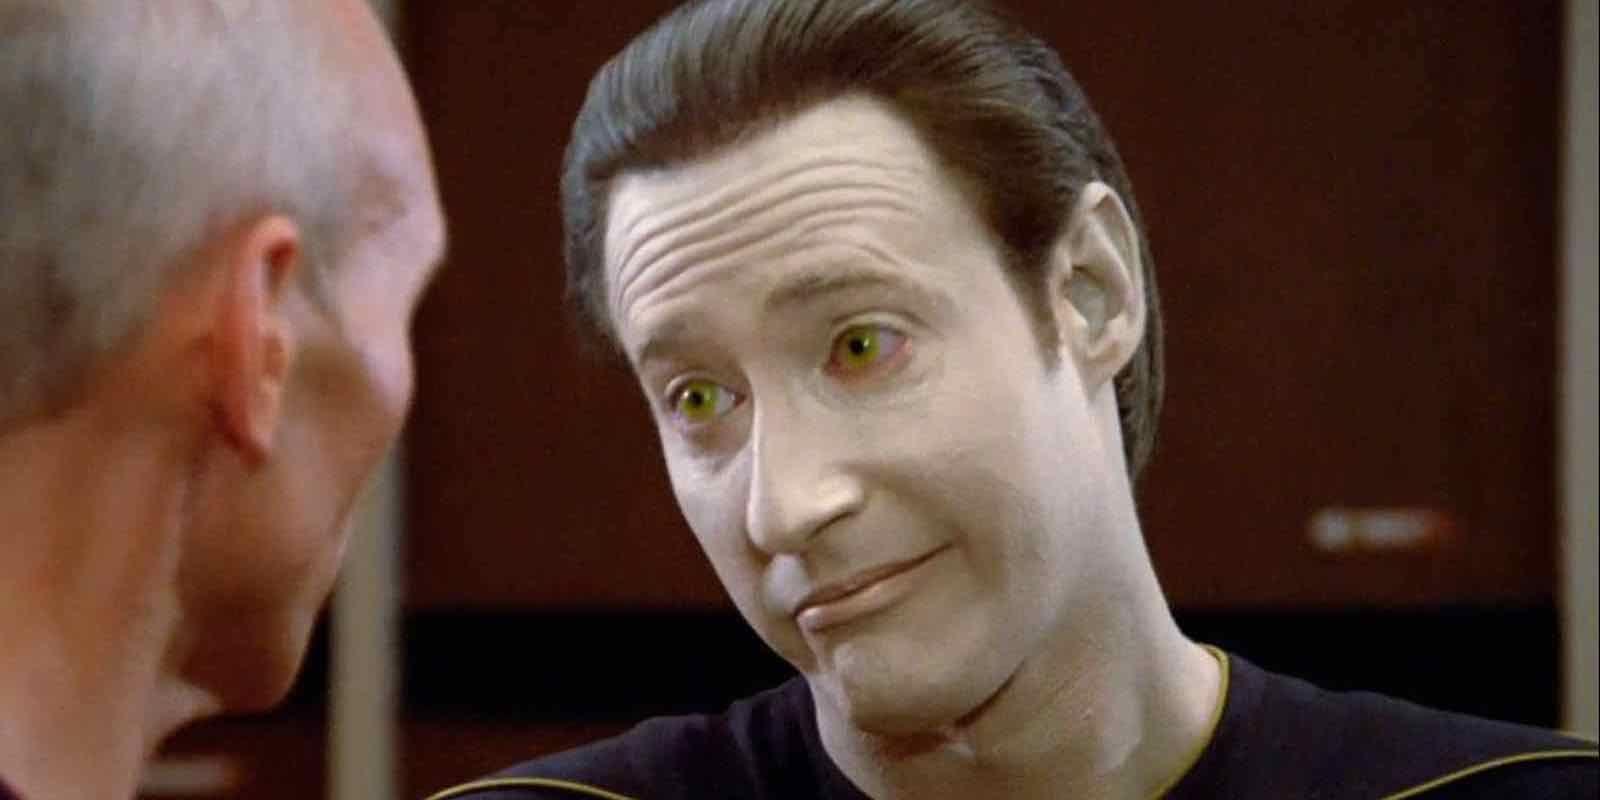 Star Trek Picard Season 2: Brent Spiner Returns as Brand New Character